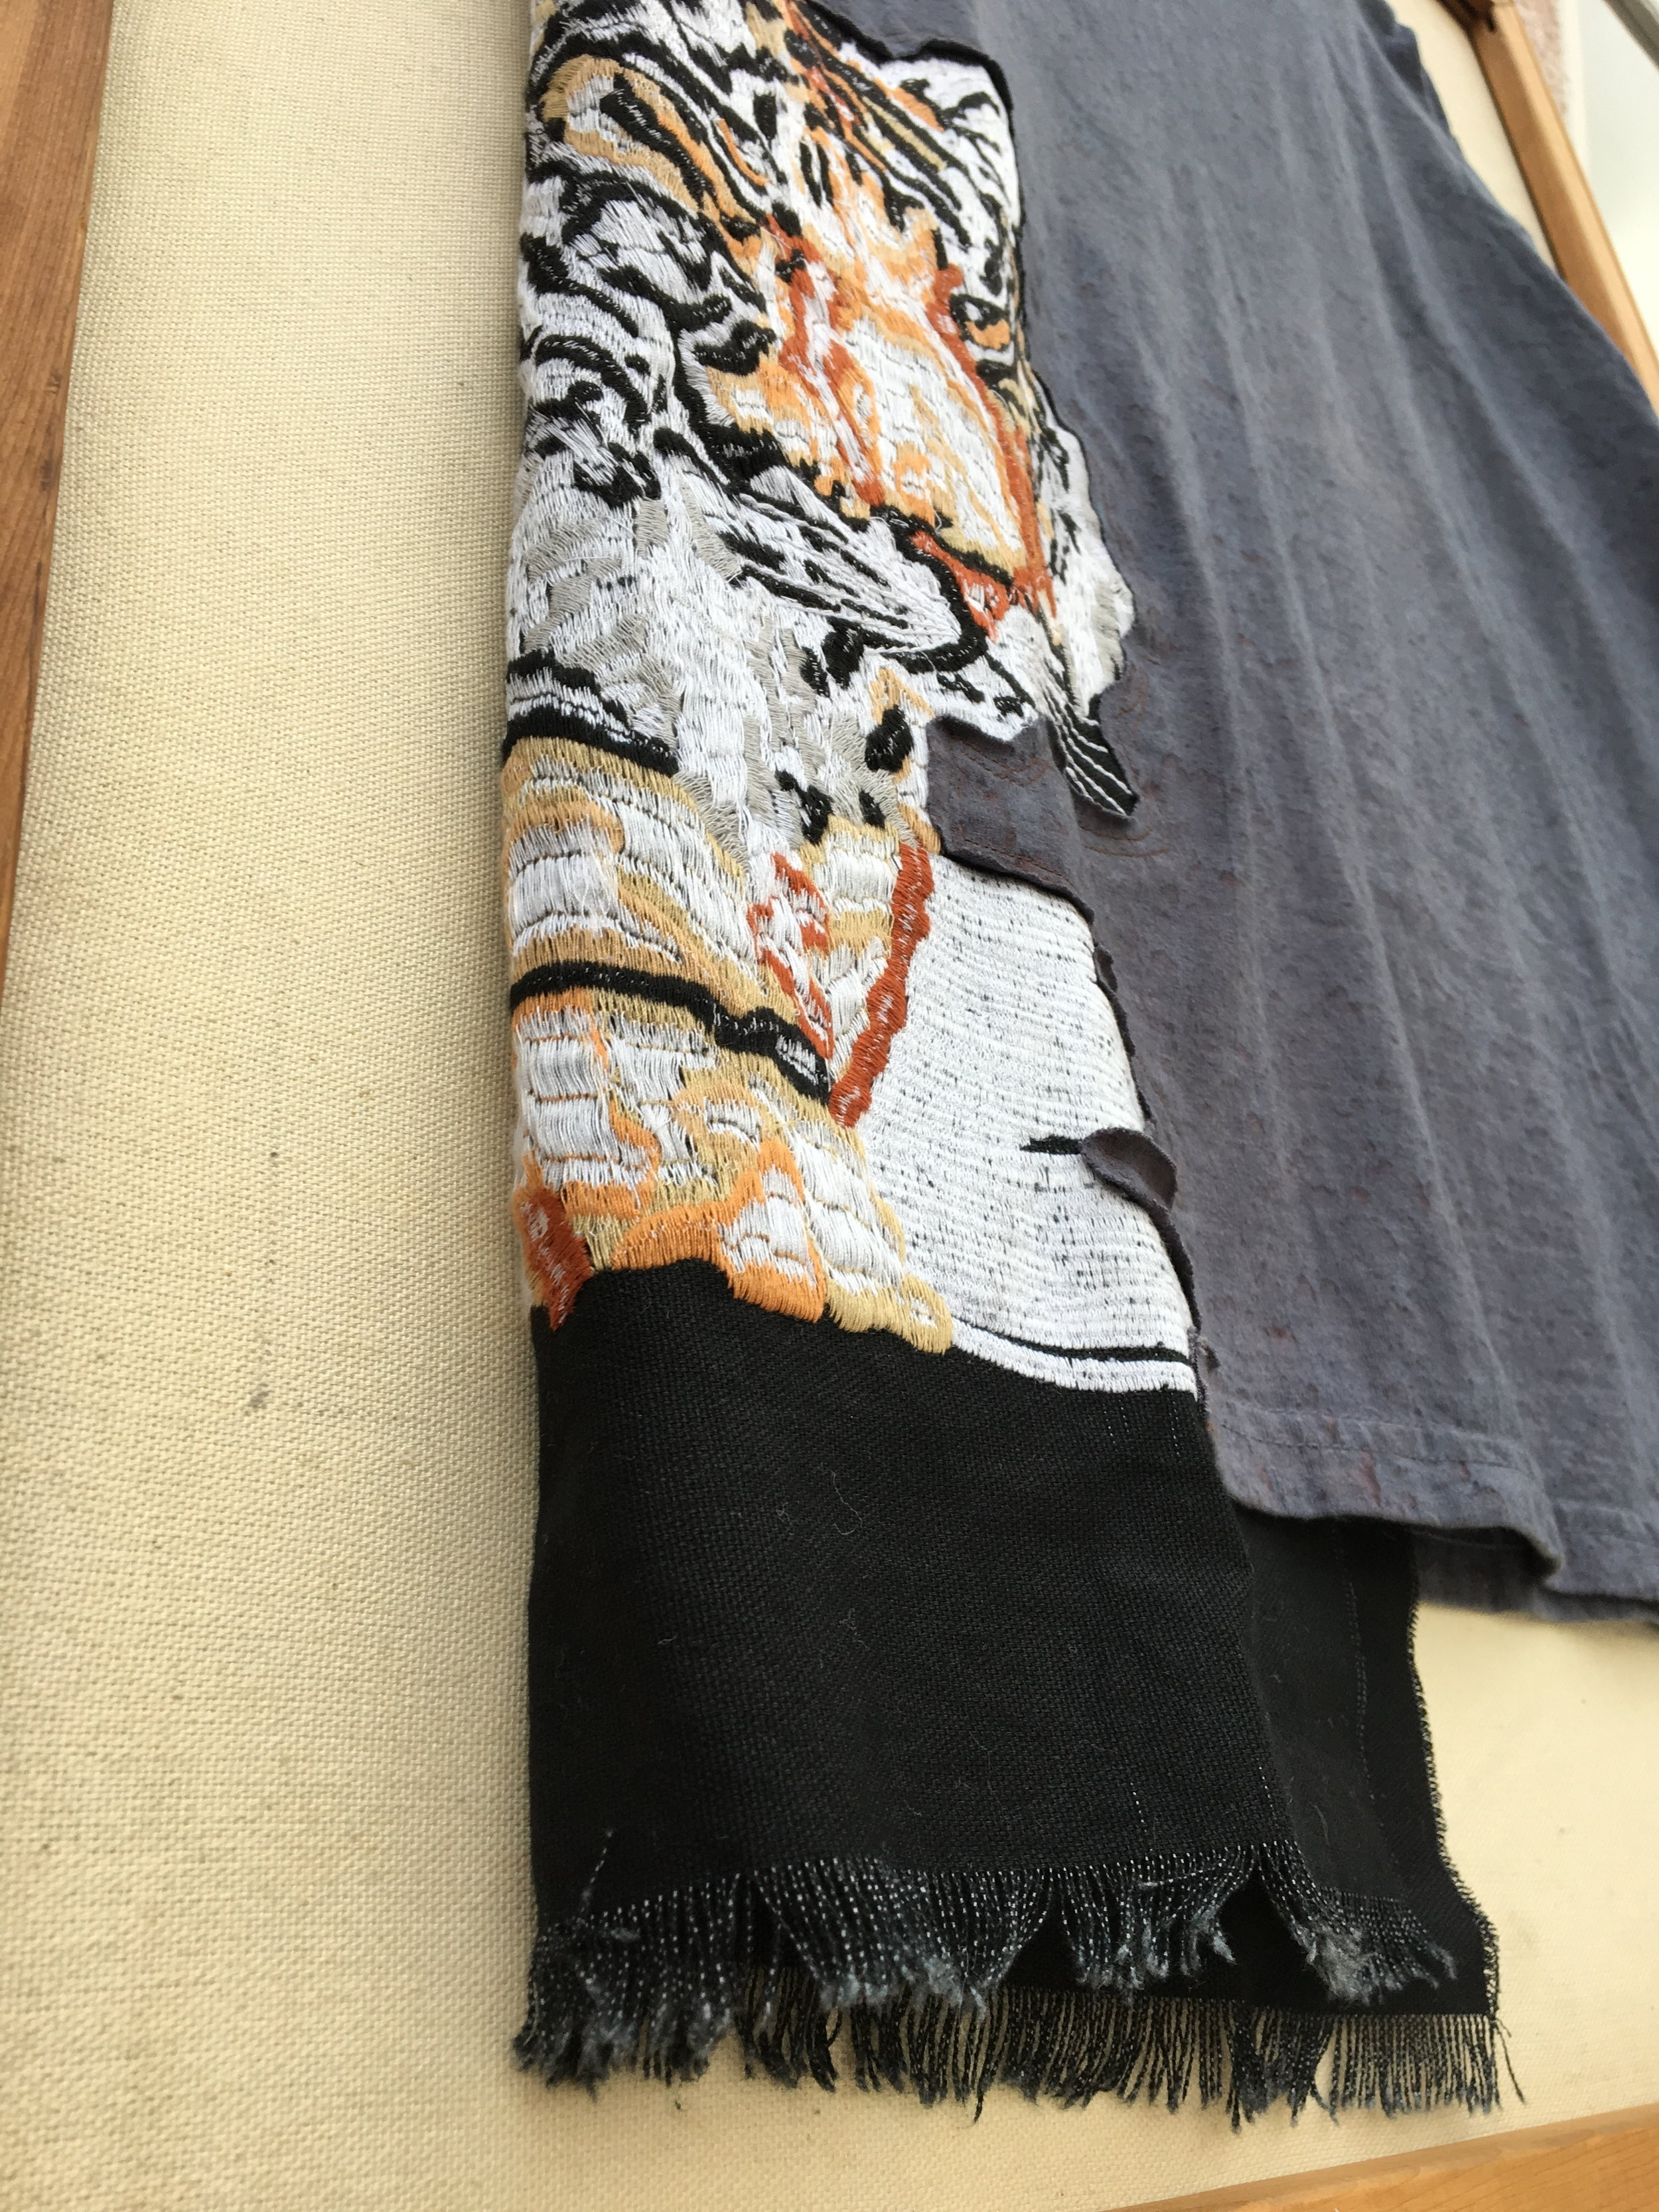 shirt 19_front detail.JPG